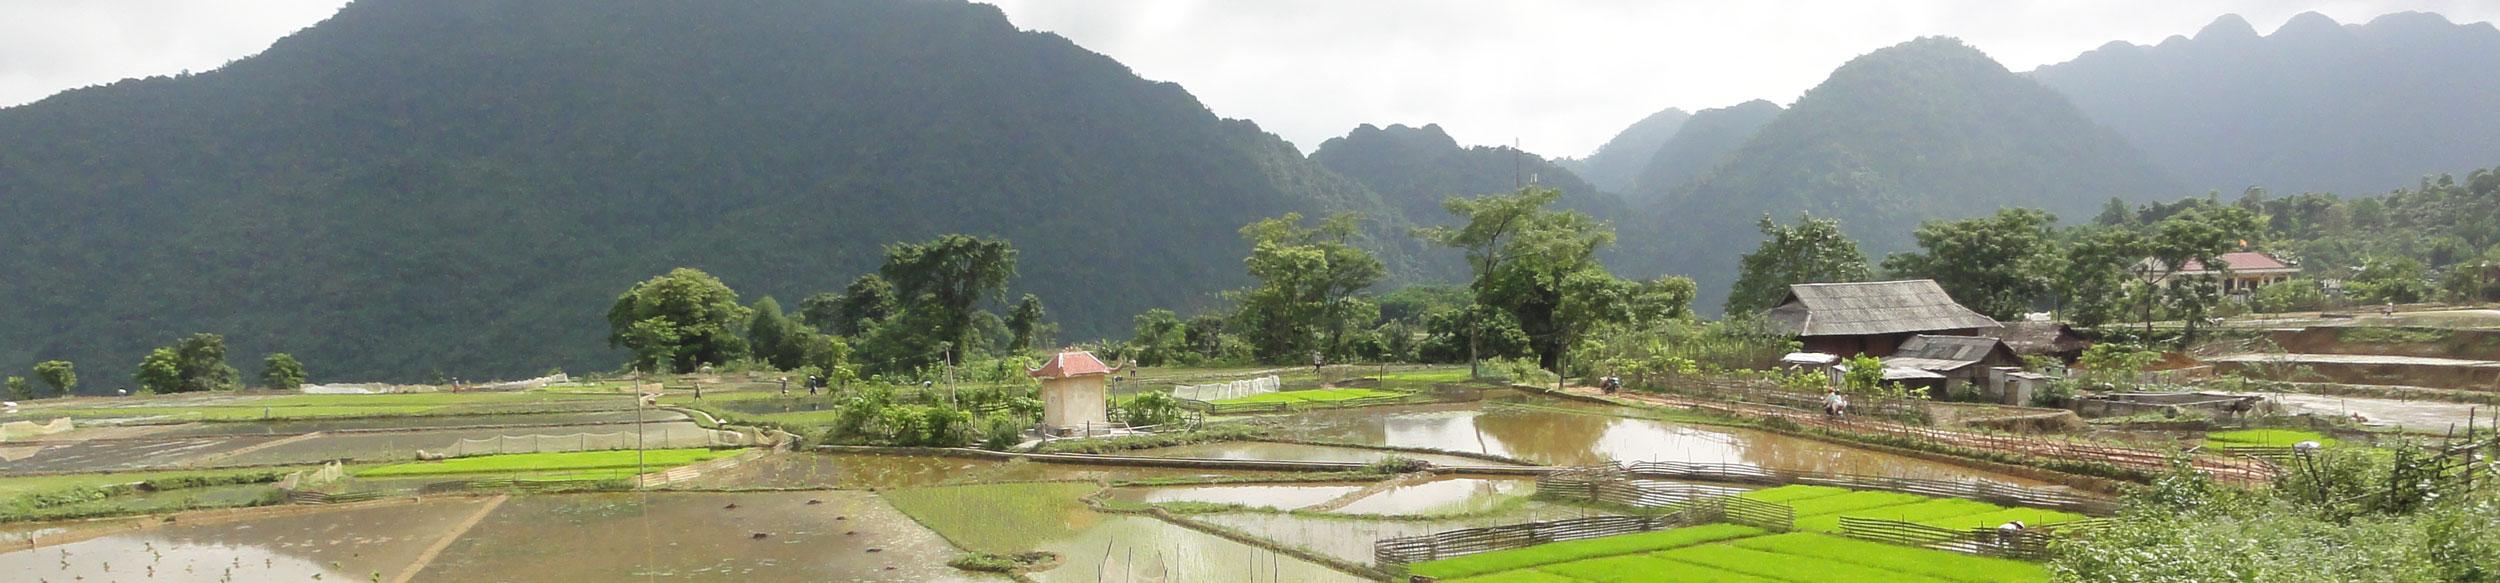 La réserve naturelle de Ngoc Son Ngo Luong